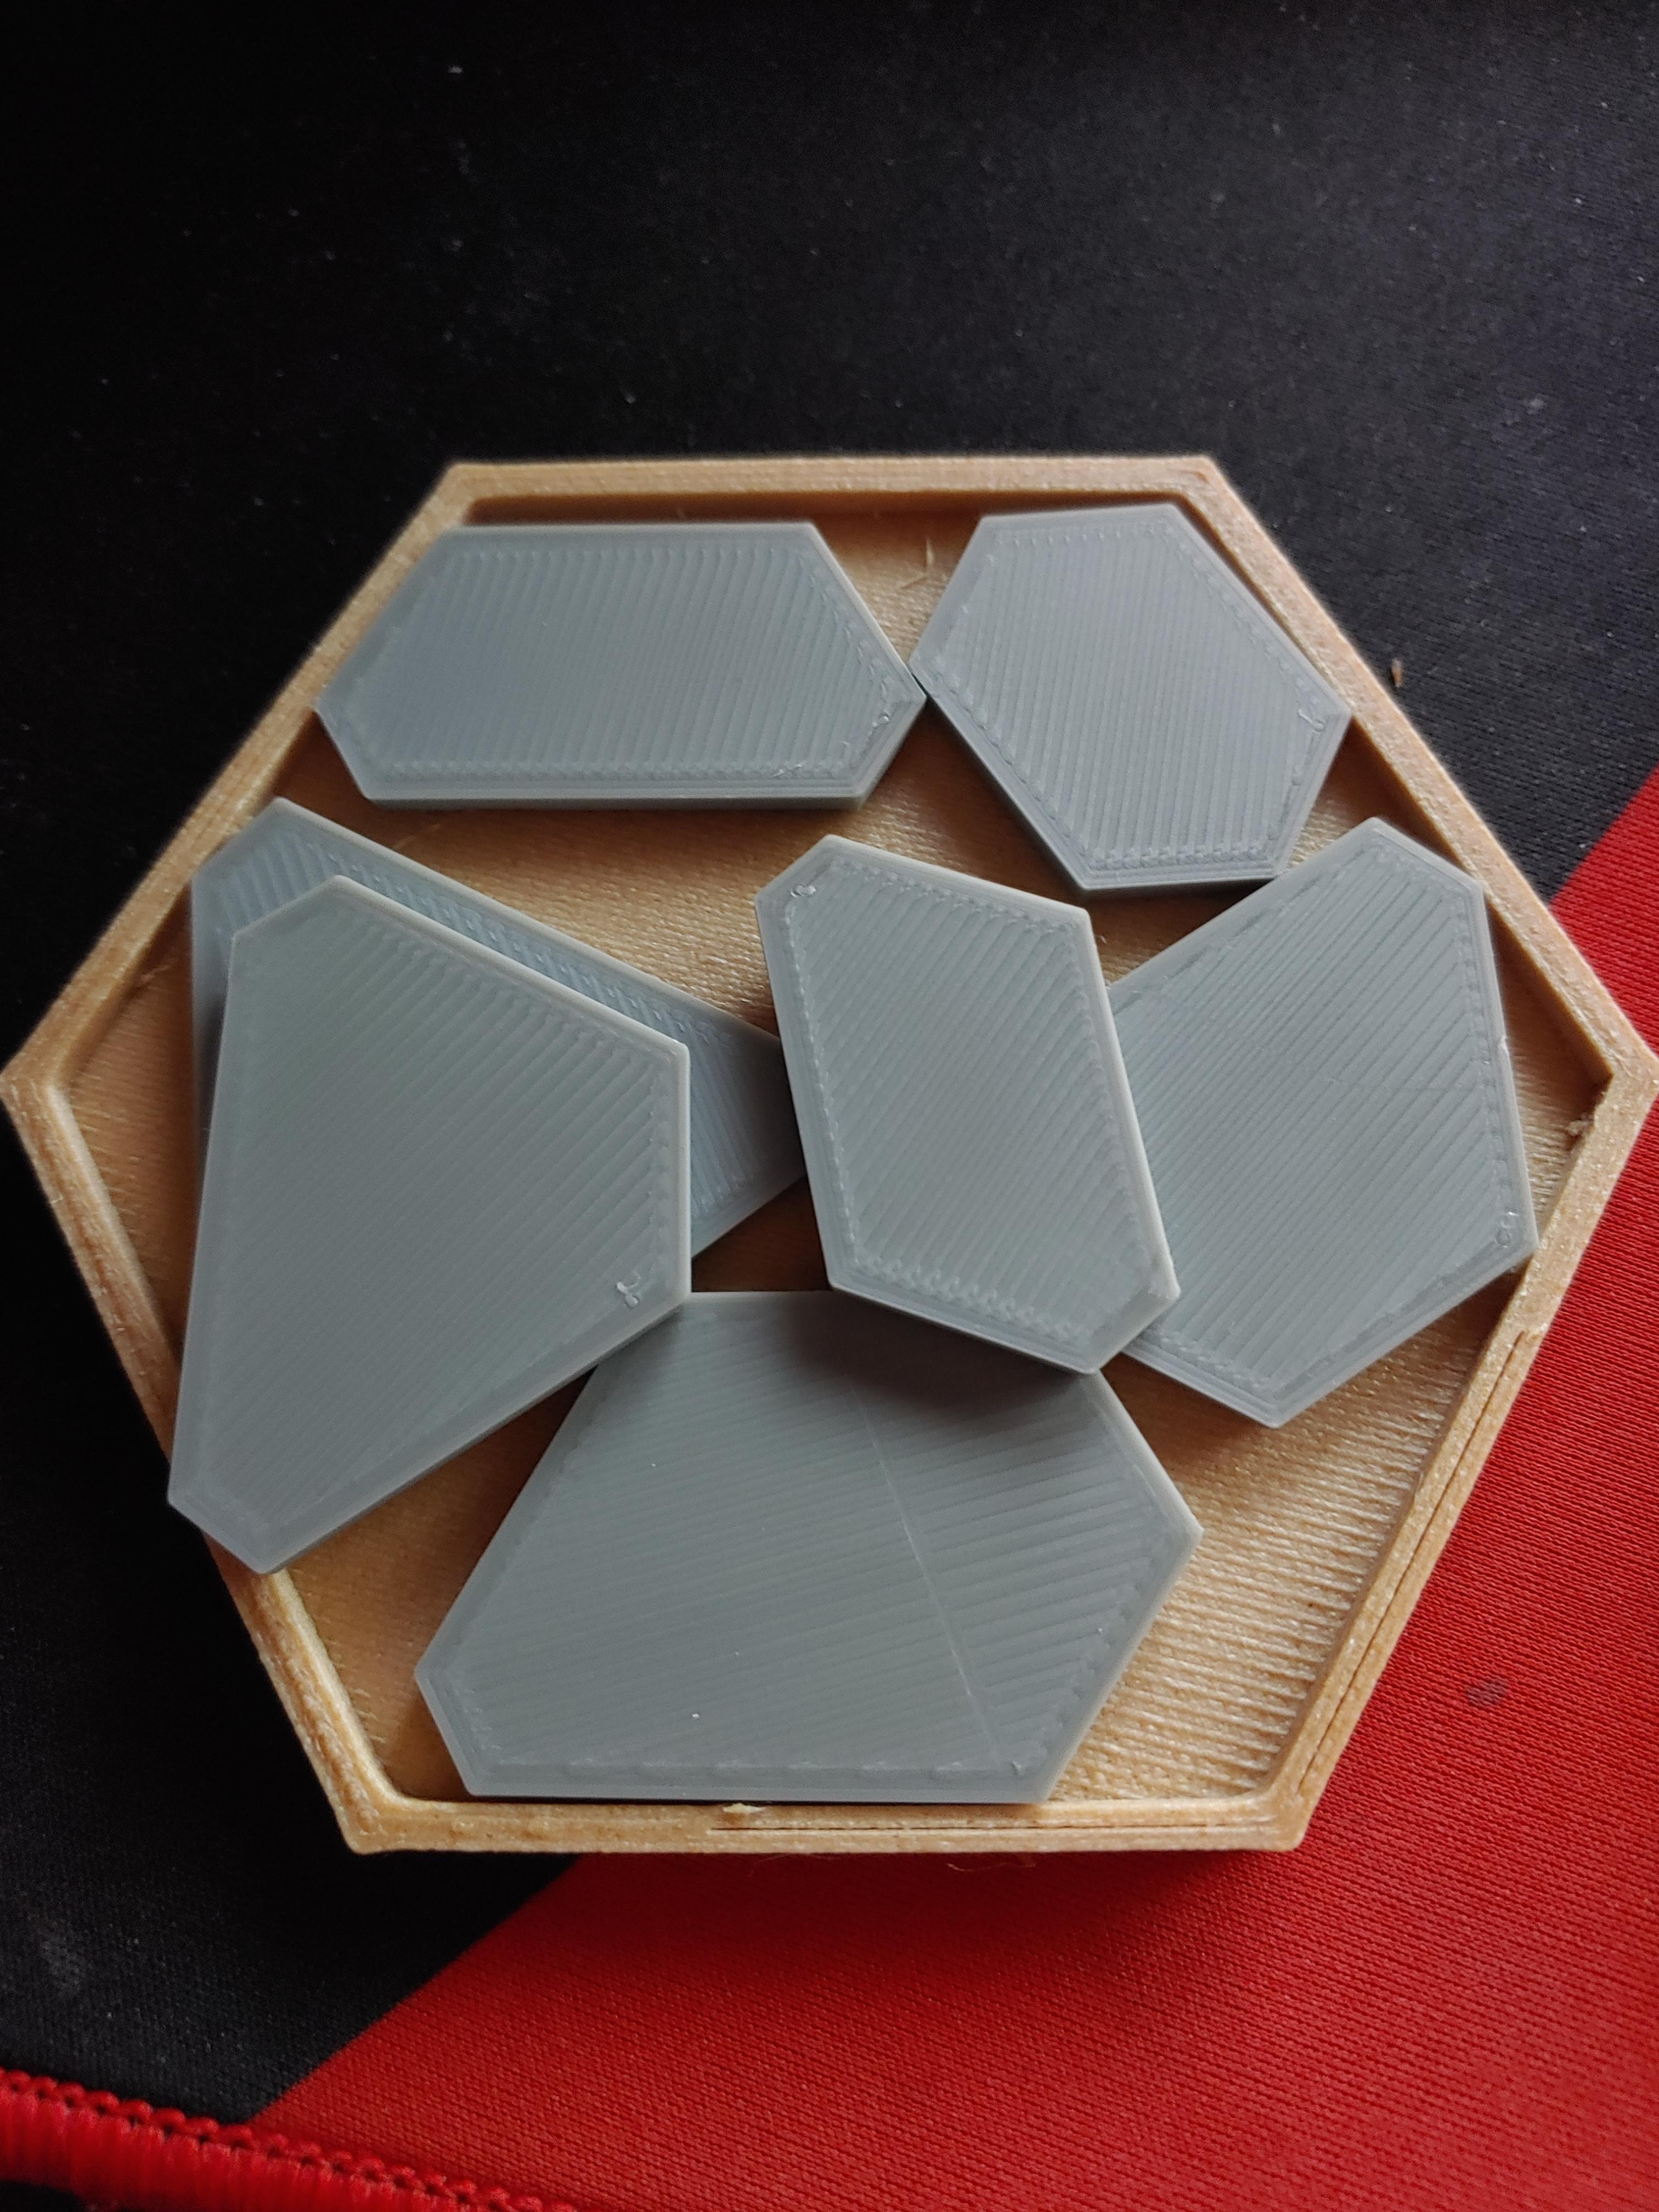 1107200908.jpg Télécharger fichier STL gratuit Puzzle des formes • Modèle imprimable en 3D, Groone